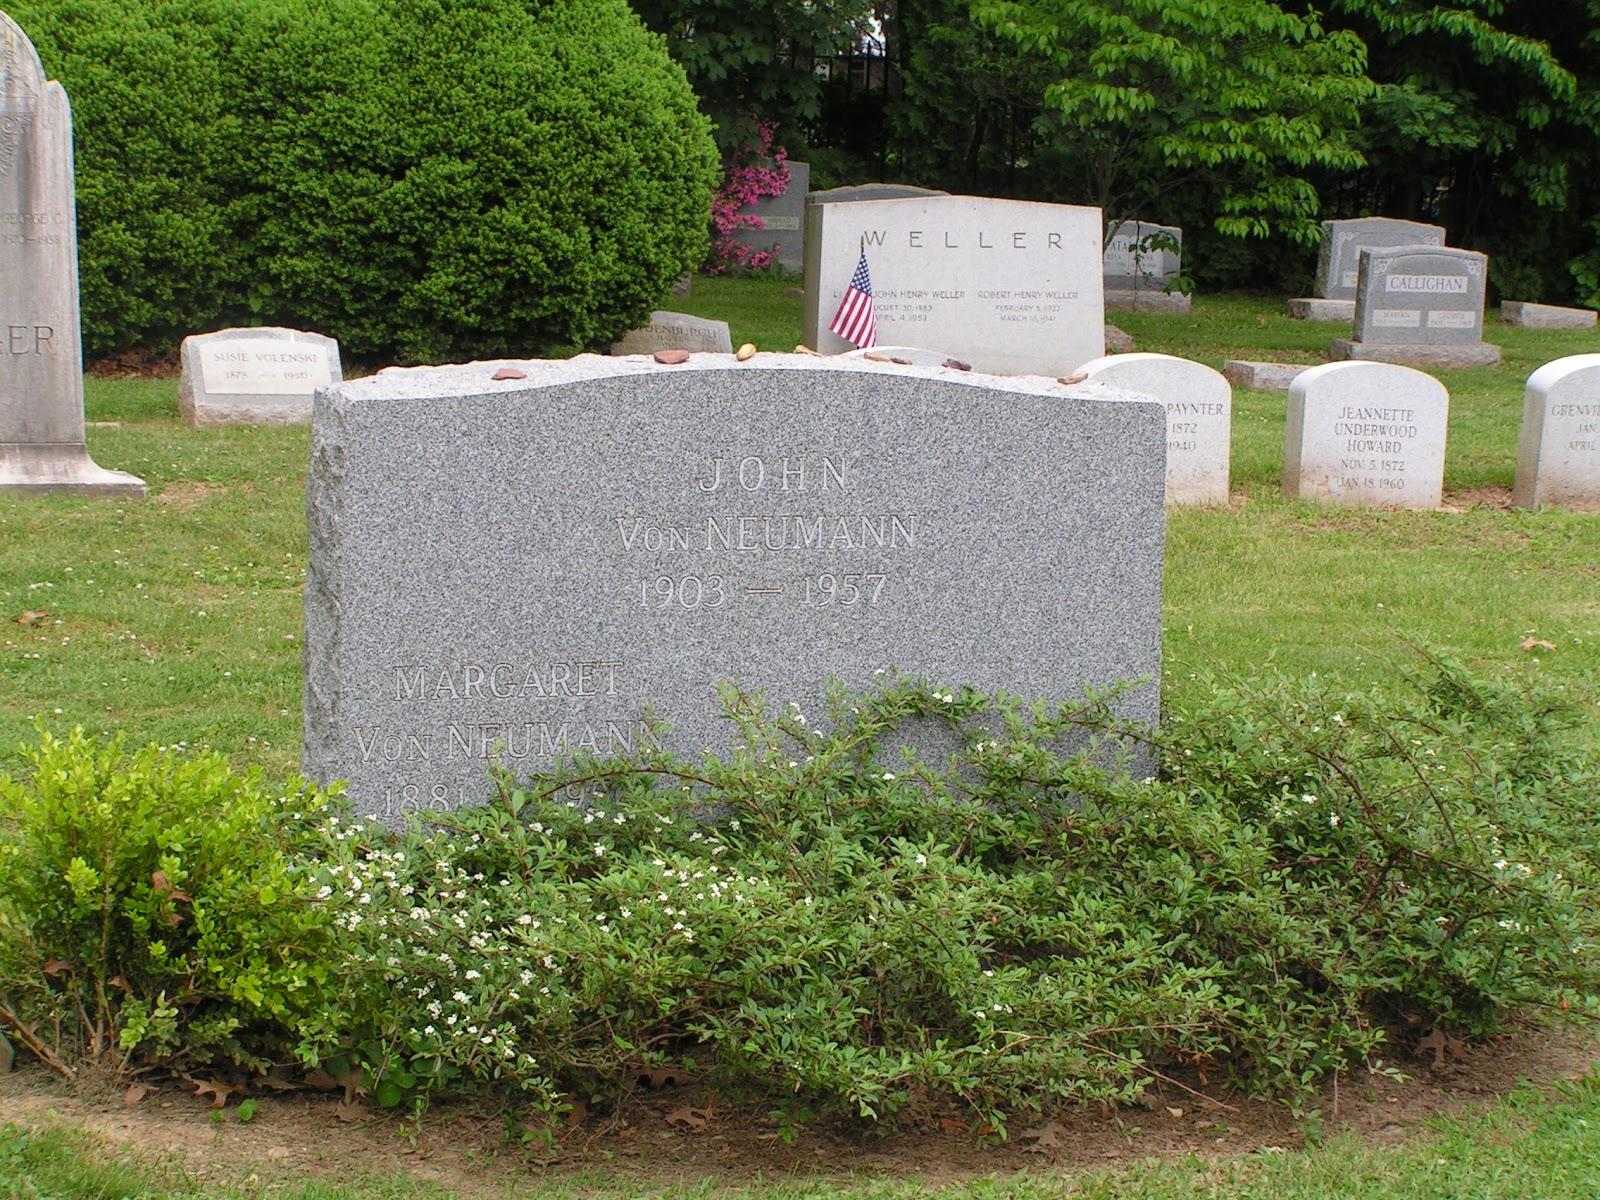 ジョン・フォン・ノイマンの墓